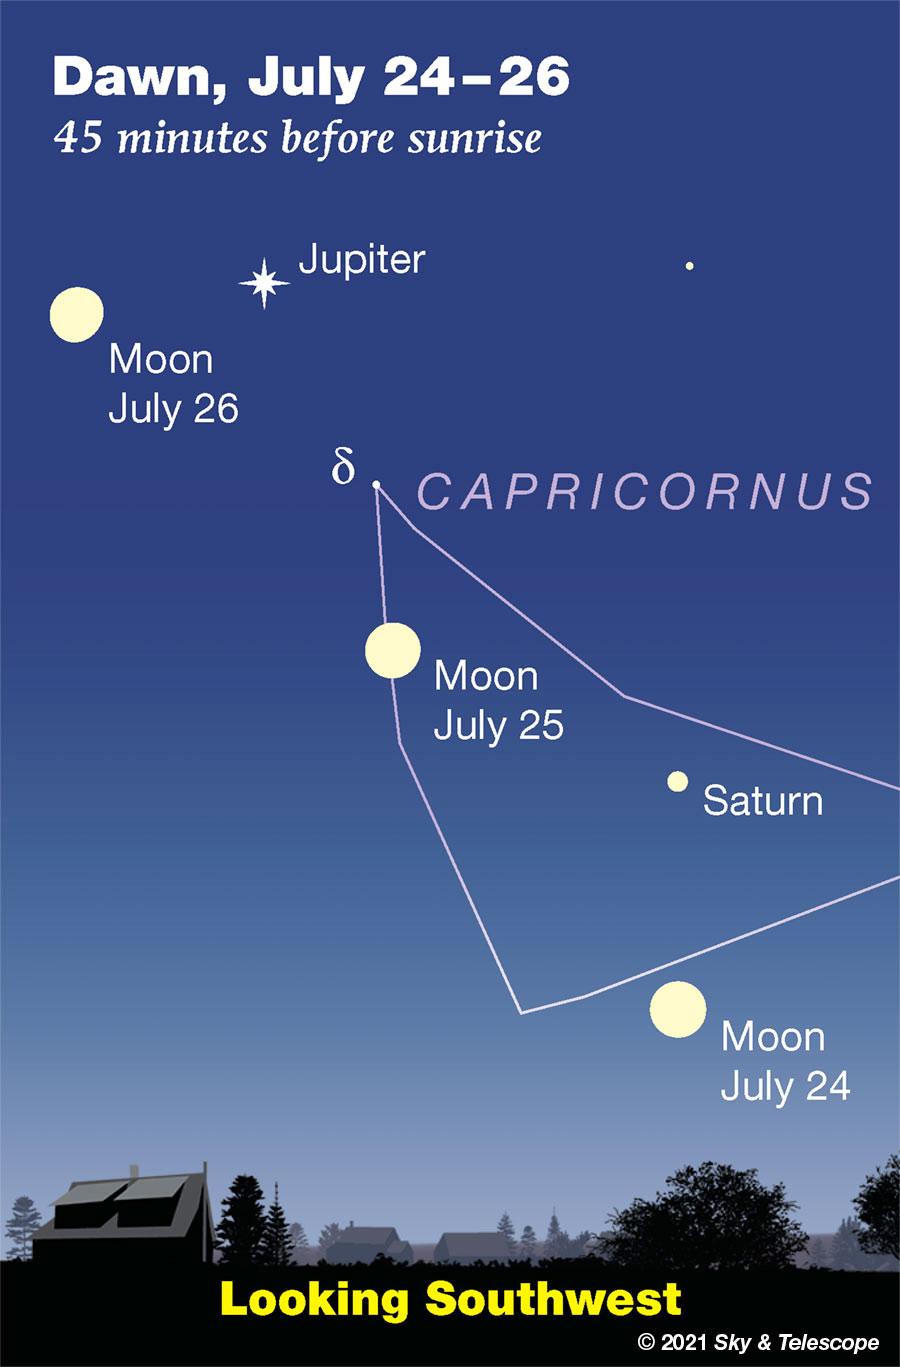 Full Moon passing Saturn and Jupiter as seen at dawn, July 24-26, 2021.